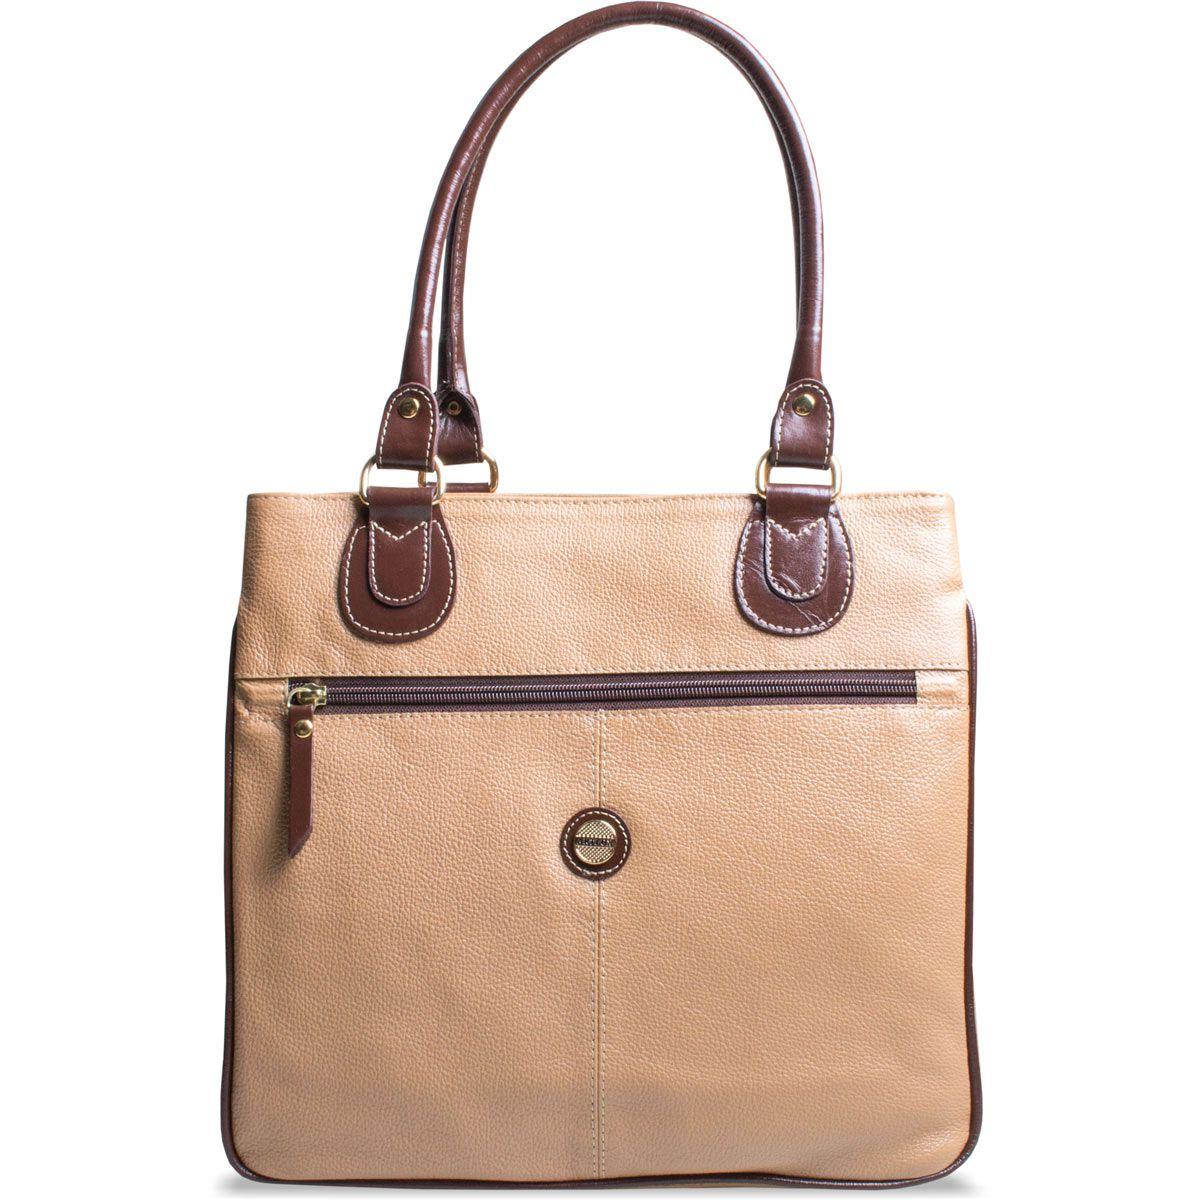 Bolsa Feminina Artlux Bag